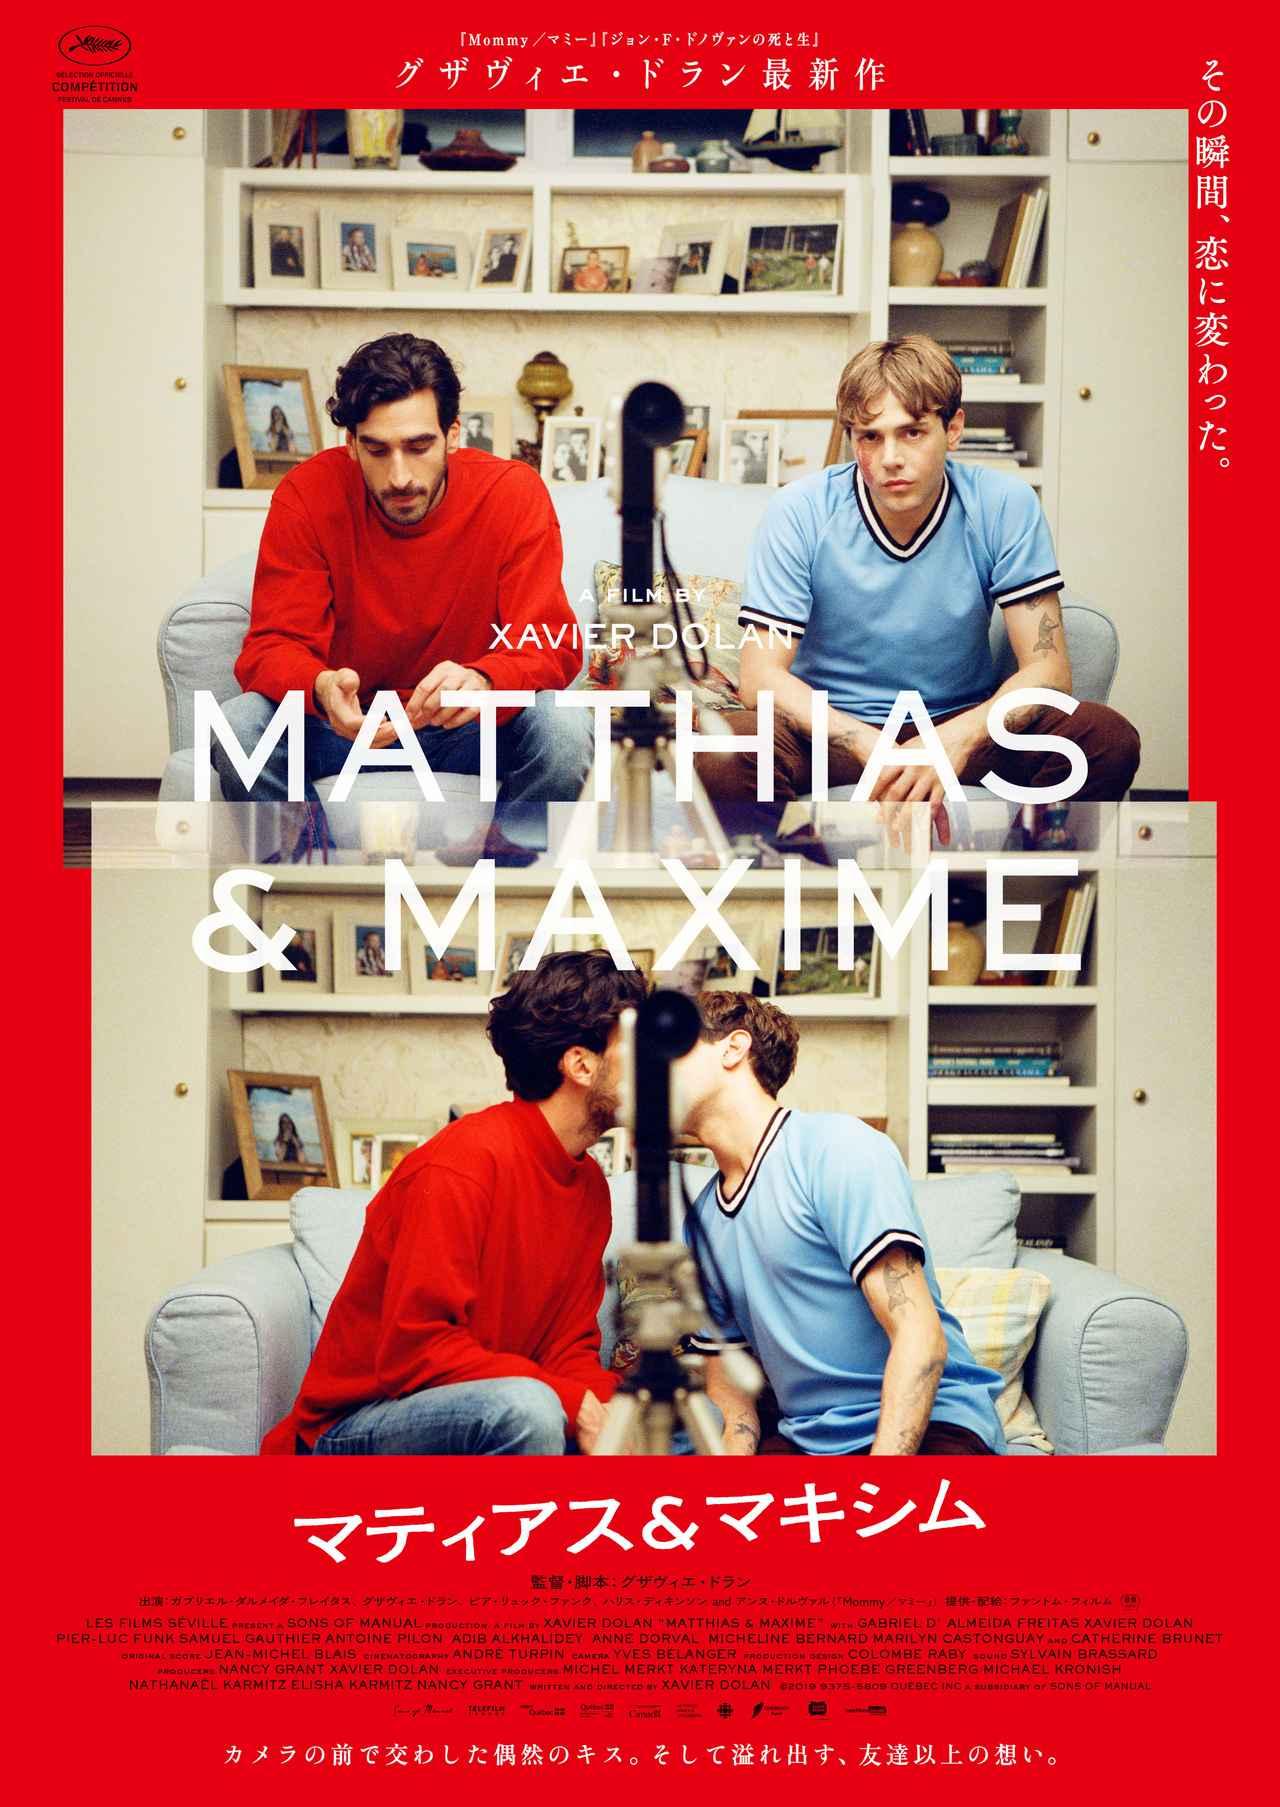 画像: トム・ヒドルストン、タロン・エガートンに続け!ネクストブレイク必至!新世代英国俳優 ハリス・ディキンソンがアツい!!!『マティアス&マキシム』場面写真が公開!